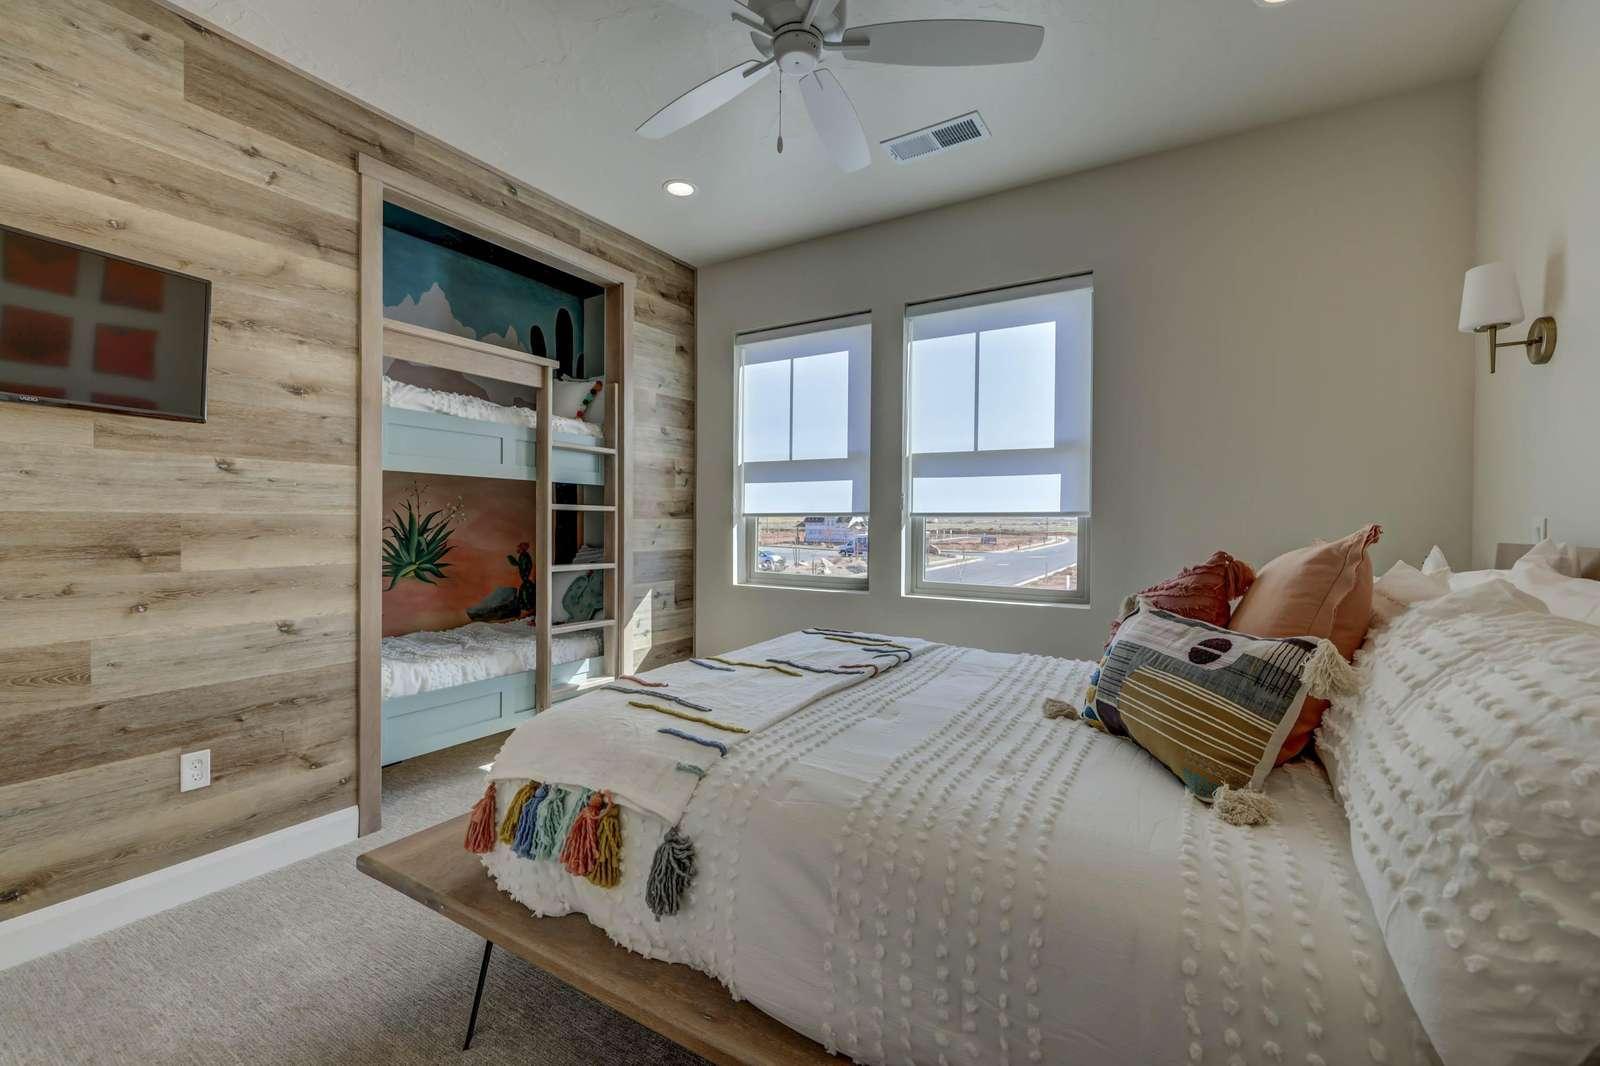 Queen bed with built in bunk beds